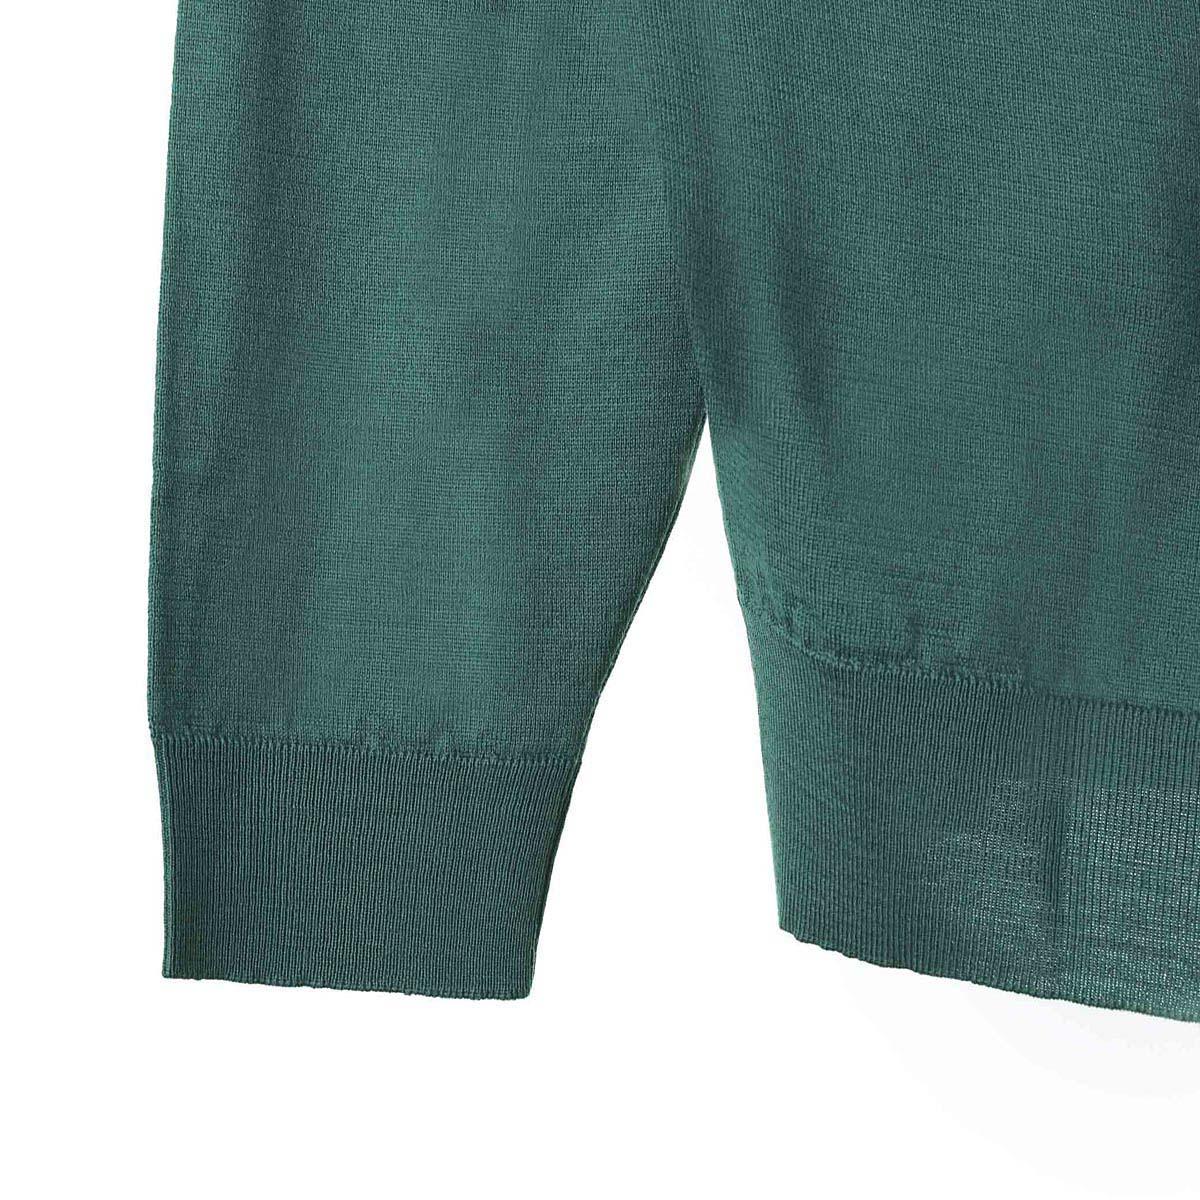 JOHN SMEDLEY ジョンスメドレー タートルネック セーター/CHERWELL チャーウェル 30ゲージ メンズ